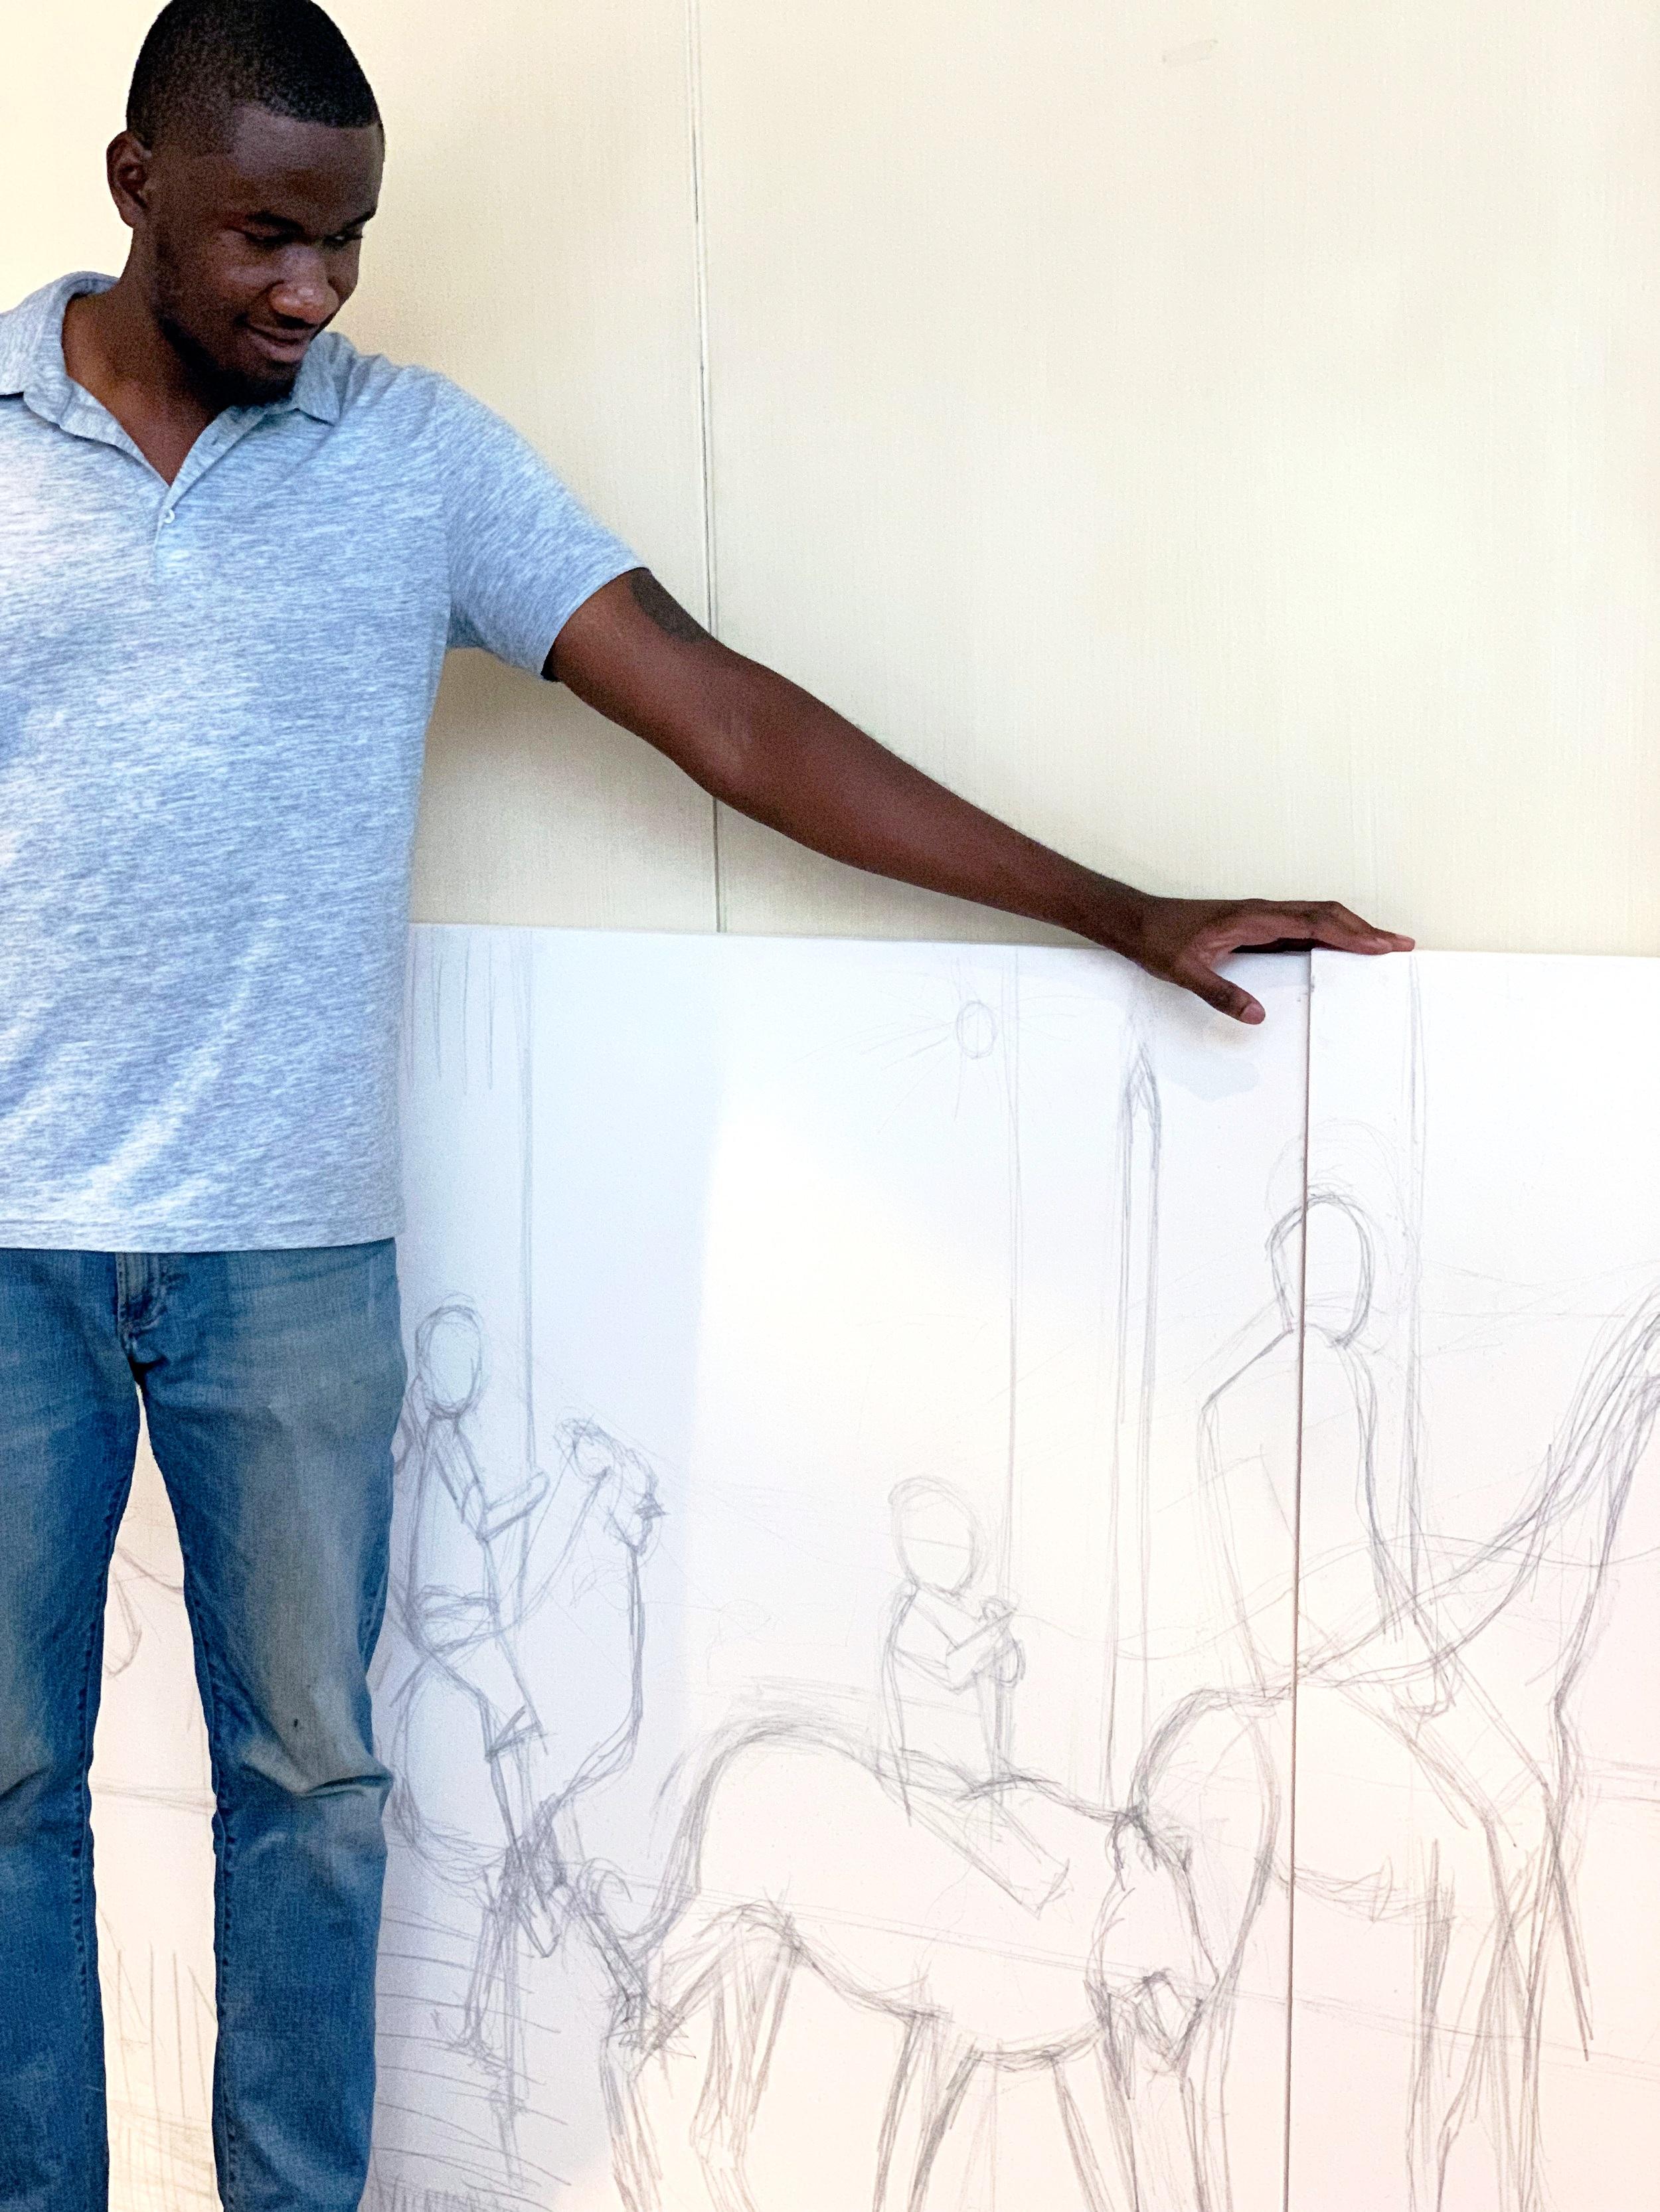 J-with-mural-sketch.jpg